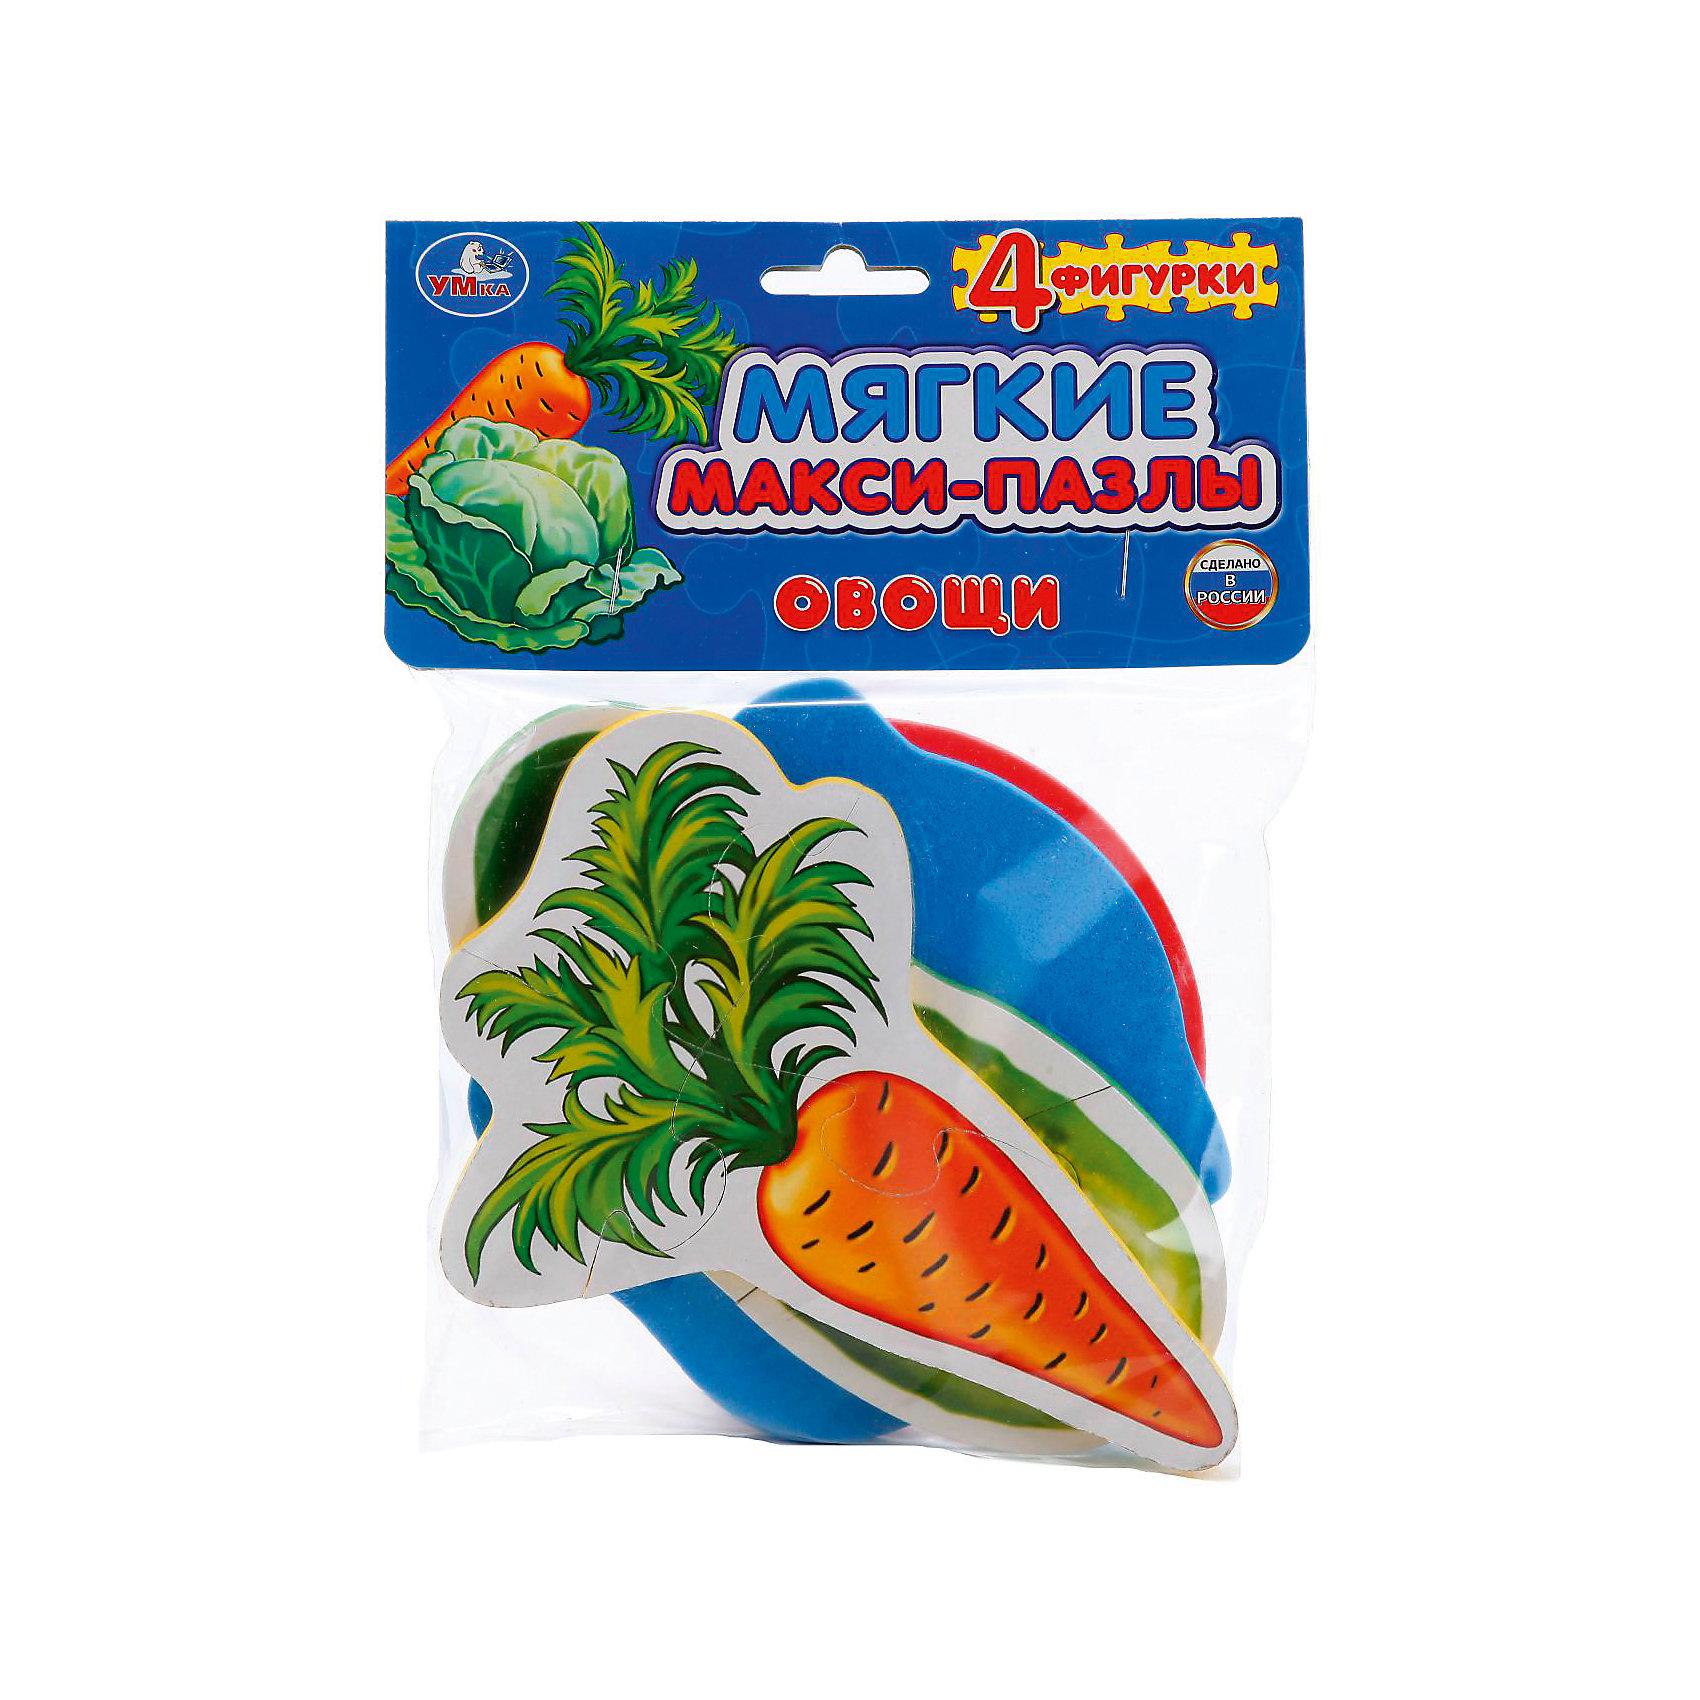 Макси-пазл Овощи (4 детали)Пазлы для малышей<br>Характеристики товара:<br><br>• возраст: от 2 лет<br>• в комплекте: 4 пазла на блистере, всего 35 шт.<br>• размер упаковки: 3x25x16 см<br>• материал: набор выполнен из EVA, элементы окрашены яркими устойчивыми красителями.<br>• страна бренда: Россия.<br><br>Макси-пазл «Овощи» Умка. Интересная  и одновременно развивающая игра. В этом наборе дети обнаружат сразу несколько красочных пазлов, из которых можно собрать домашних животных, к тому же помогут развить цветовосприятие. <br><br>В наборе представлены 4 пазла, разделённых на несколько частей. Каждая картинка состоит из 2 или более деталей, которые необходимо внимательно подбирать друг к другу и соединять с помощью специальных замочков по краям. В процессе игры дети смогут развить логическое и пространственное мышление.<br><br>Макси-пазл «Овощи» Умка, можно купить у нас в интернет-магазине.<br><br>Ширина мм: 250<br>Глубина мм: 30<br>Высота мм: 160<br>Вес г: 210<br>Возраст от месяцев: 24<br>Возраст до месяцев: 48<br>Пол: Унисекс<br>Возраст: Детский<br>SKU: 7032123